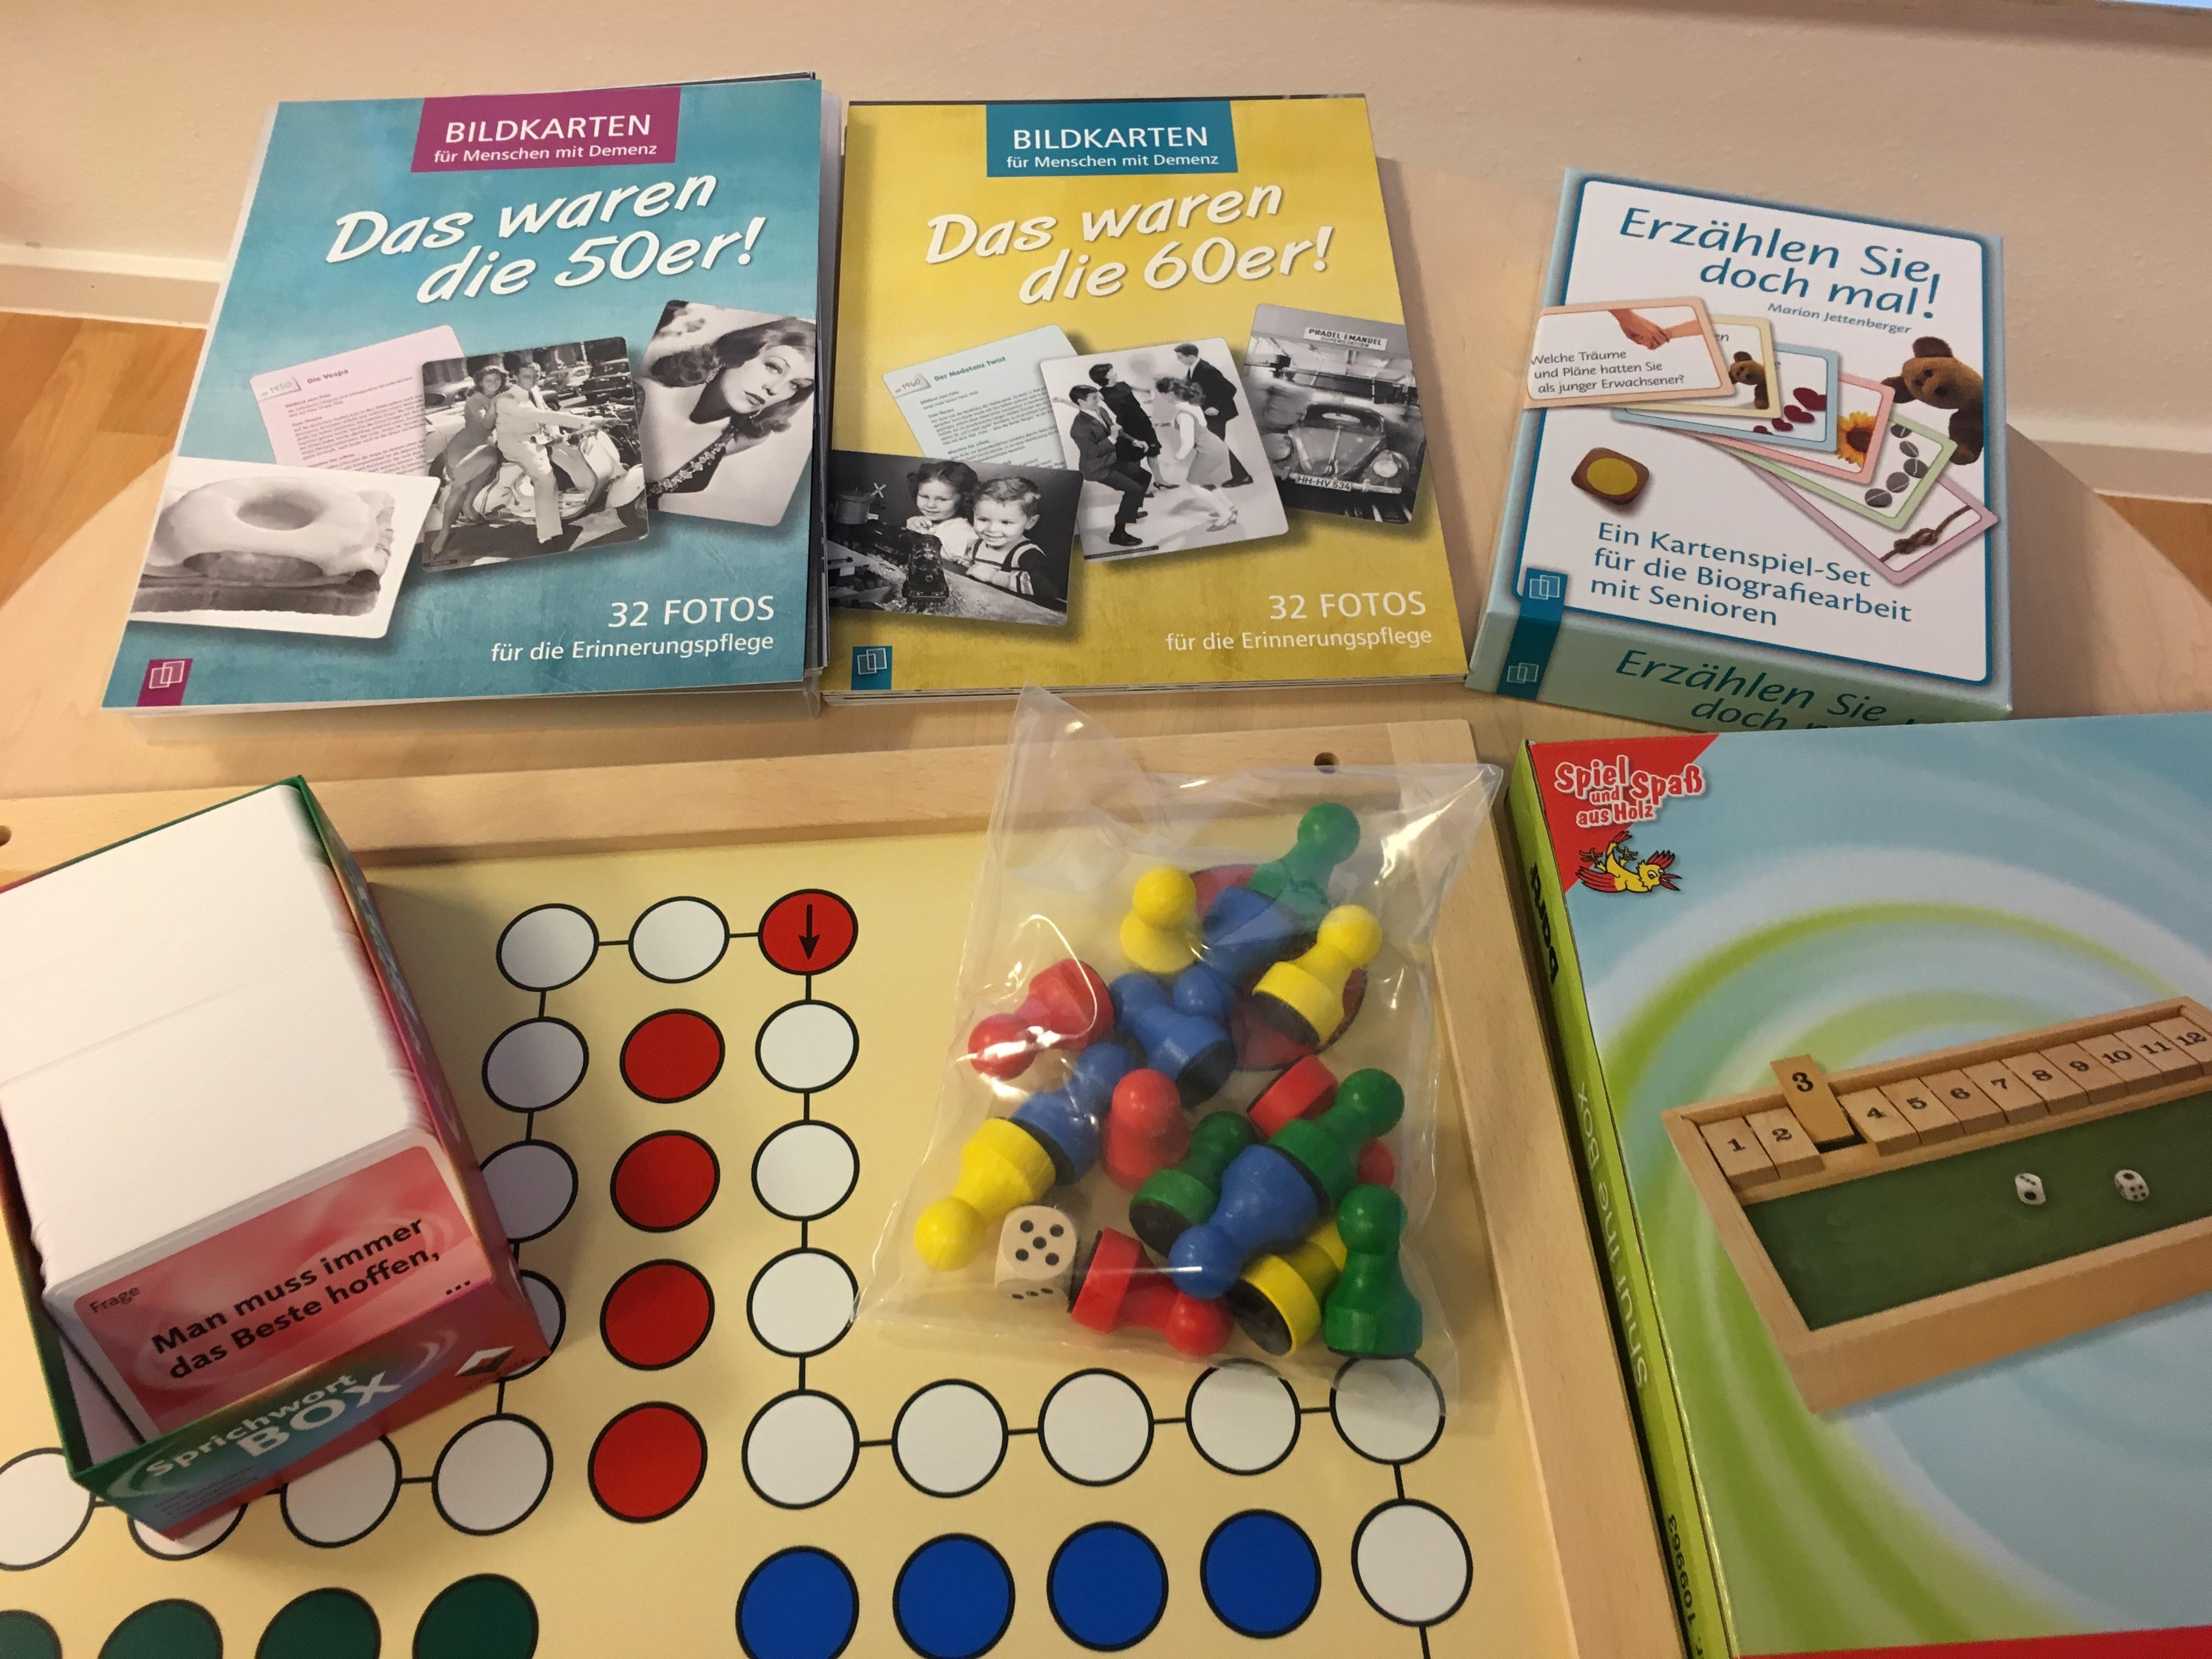 Spiele für die Betreuung